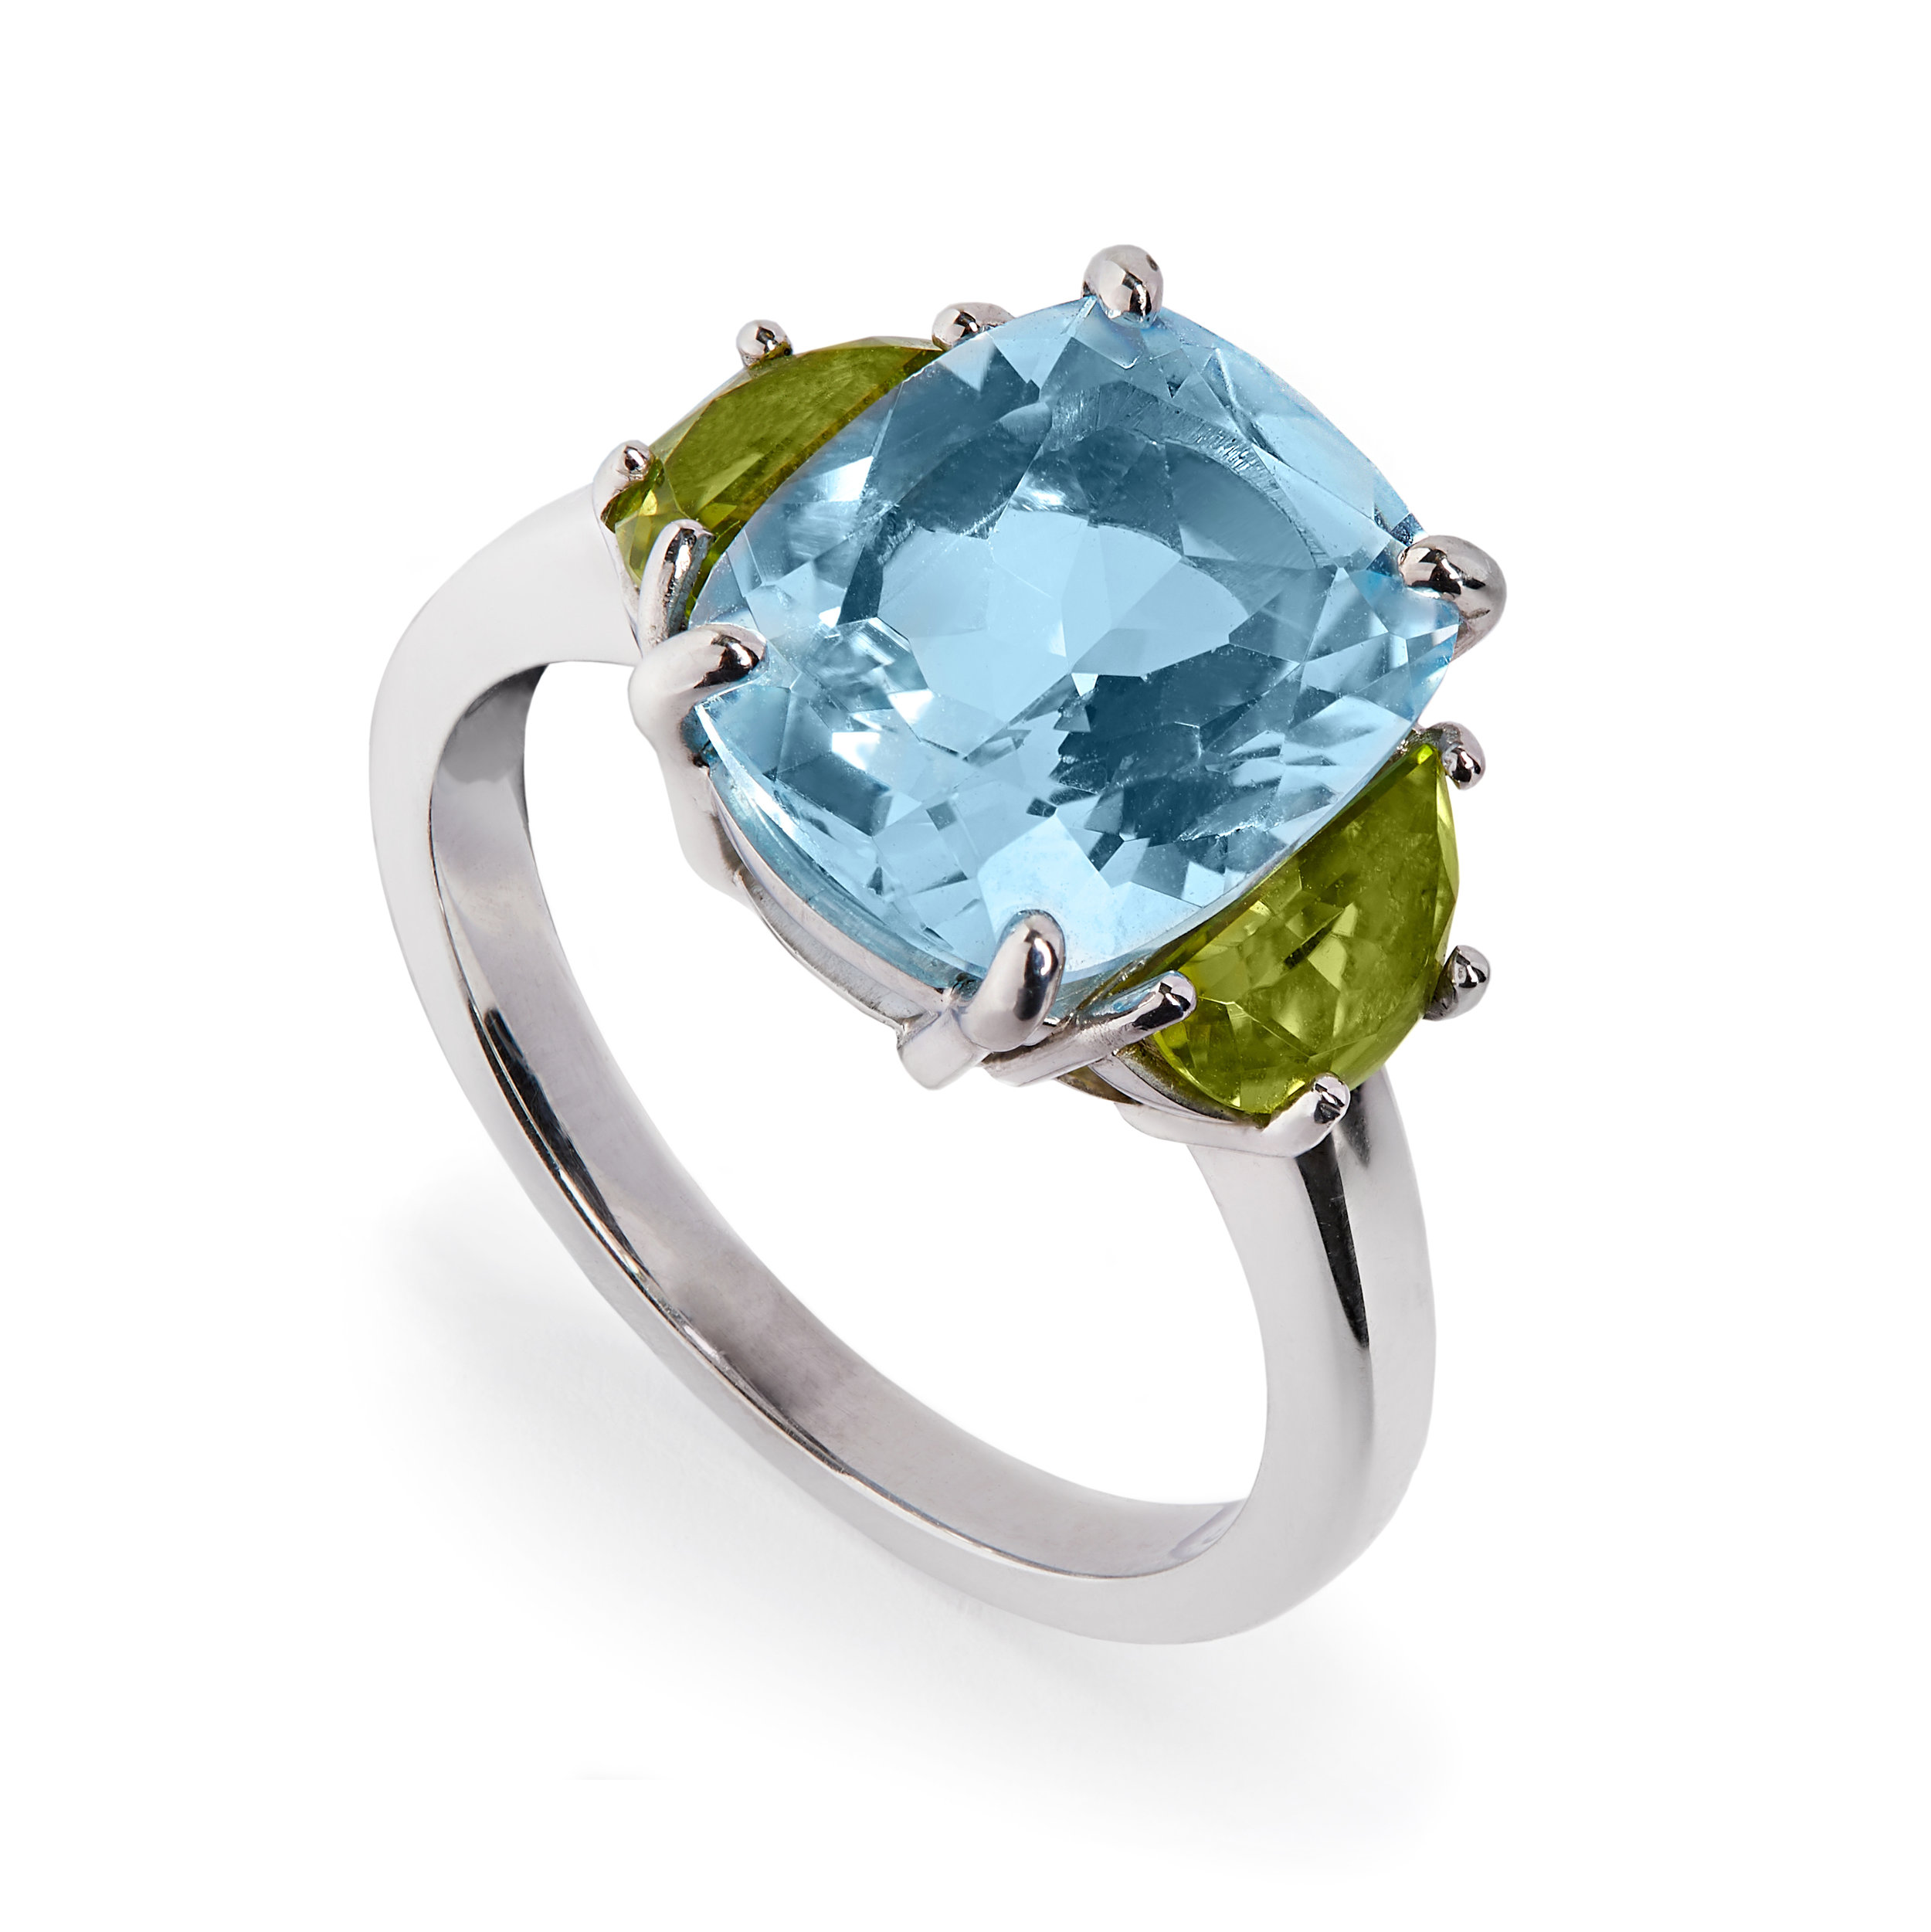 LS-RI14-White-Gold-Perdiot-Blue-Topaz-Ring.jpg